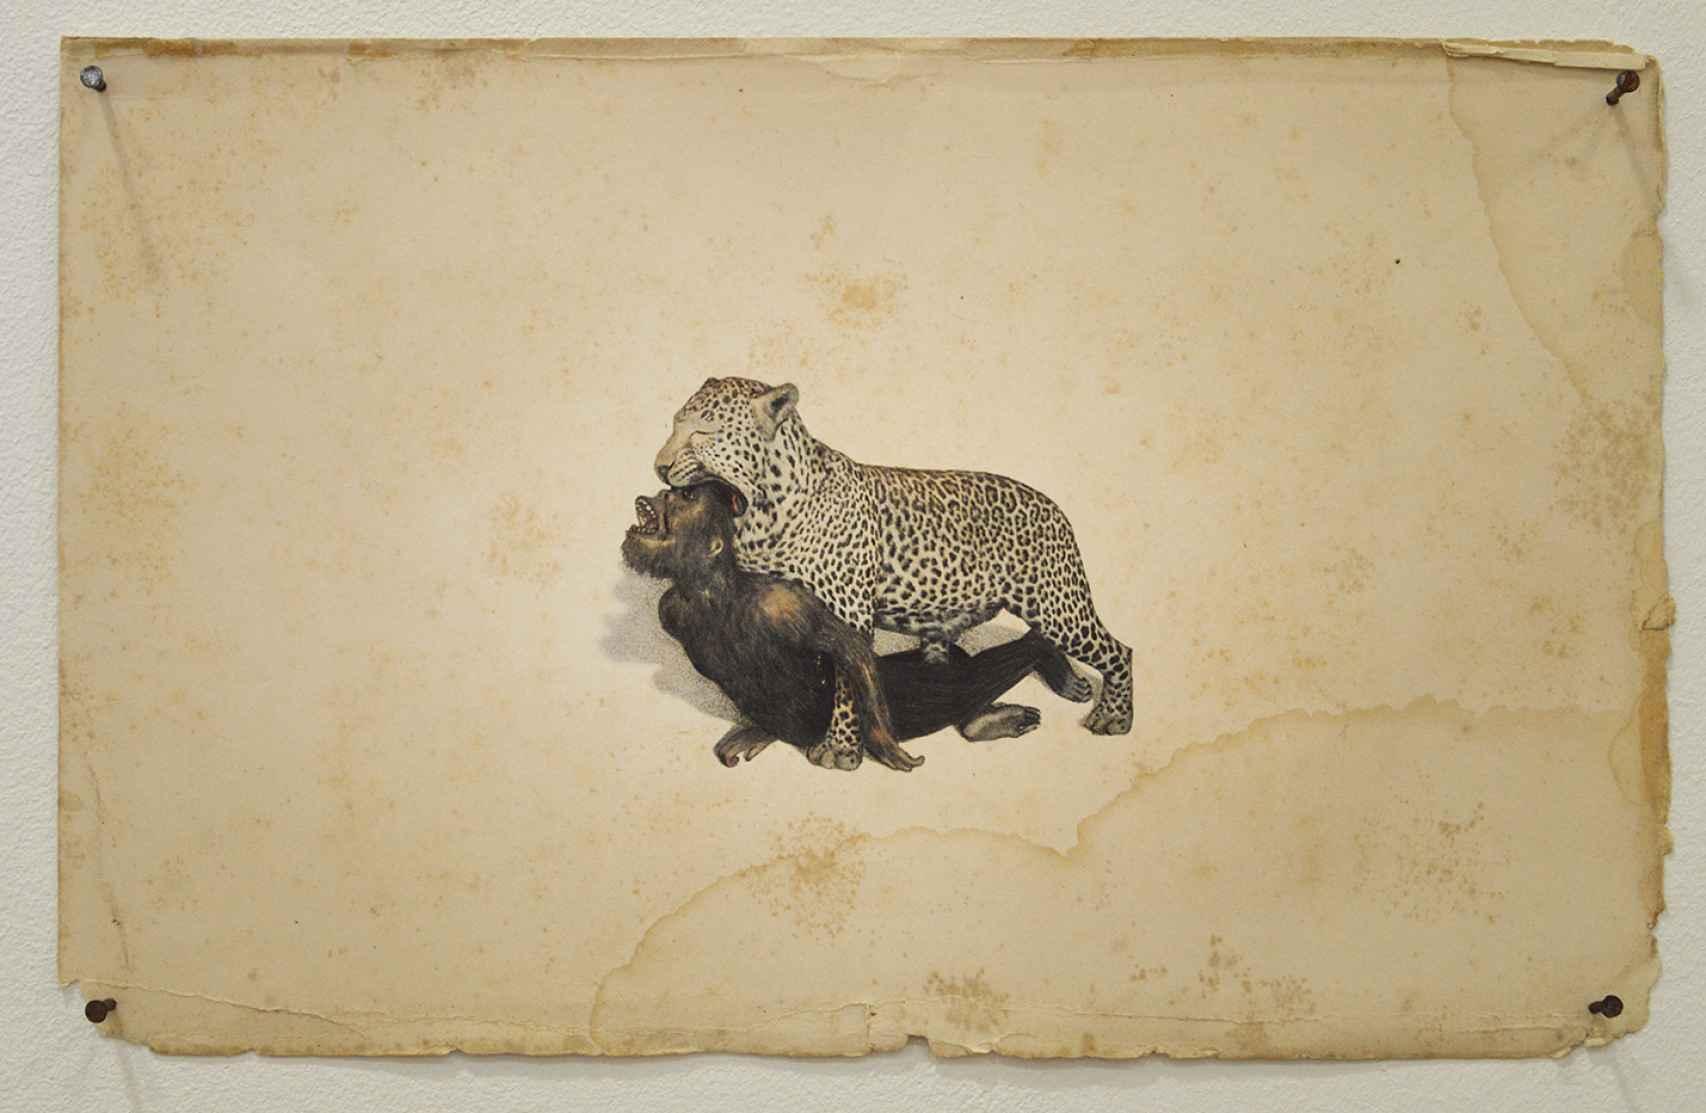 Obra de Juan Zamora incluida en Bajo el cielo de la boca de un Leopardo.